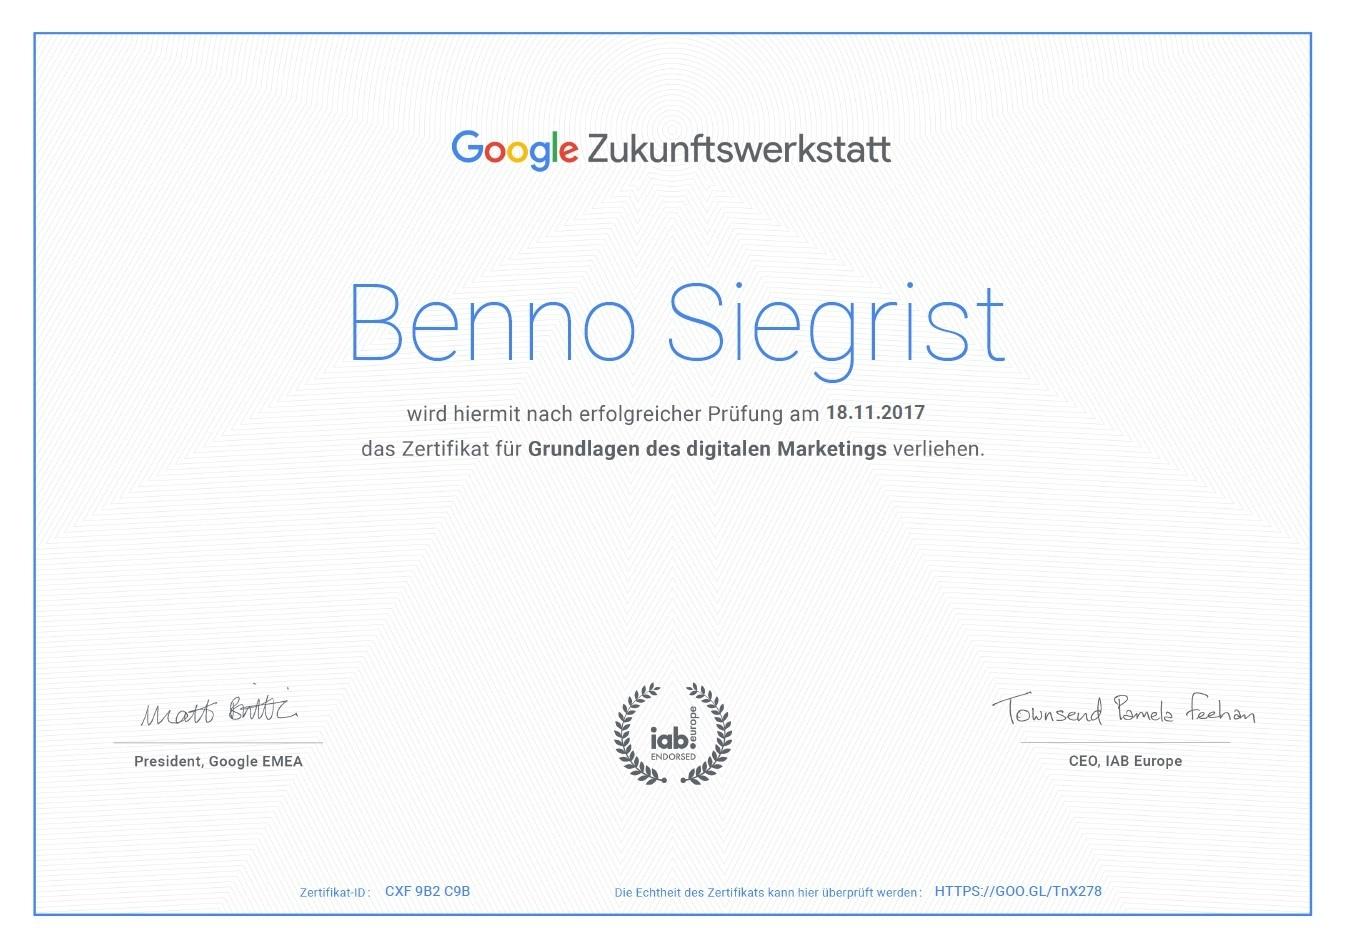 Google Zukunftswerkstatt Zertifikat BennoSiegrist